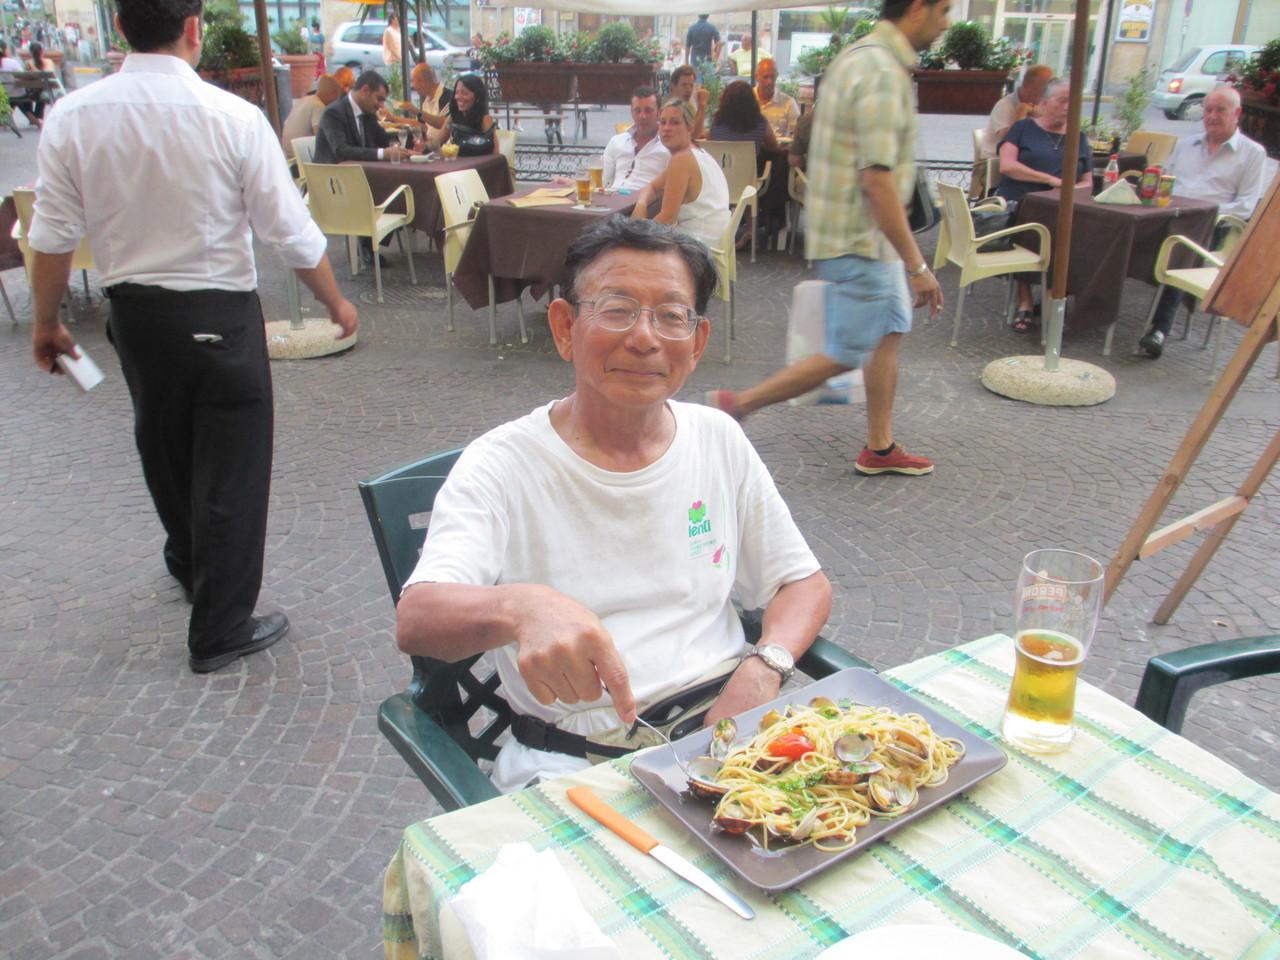 イタリアの Cafe Terace で・・・  イタリア語の会話がOKなのでダビンチの足跡をたどってみたり?    今回も一人旅(H25.8)